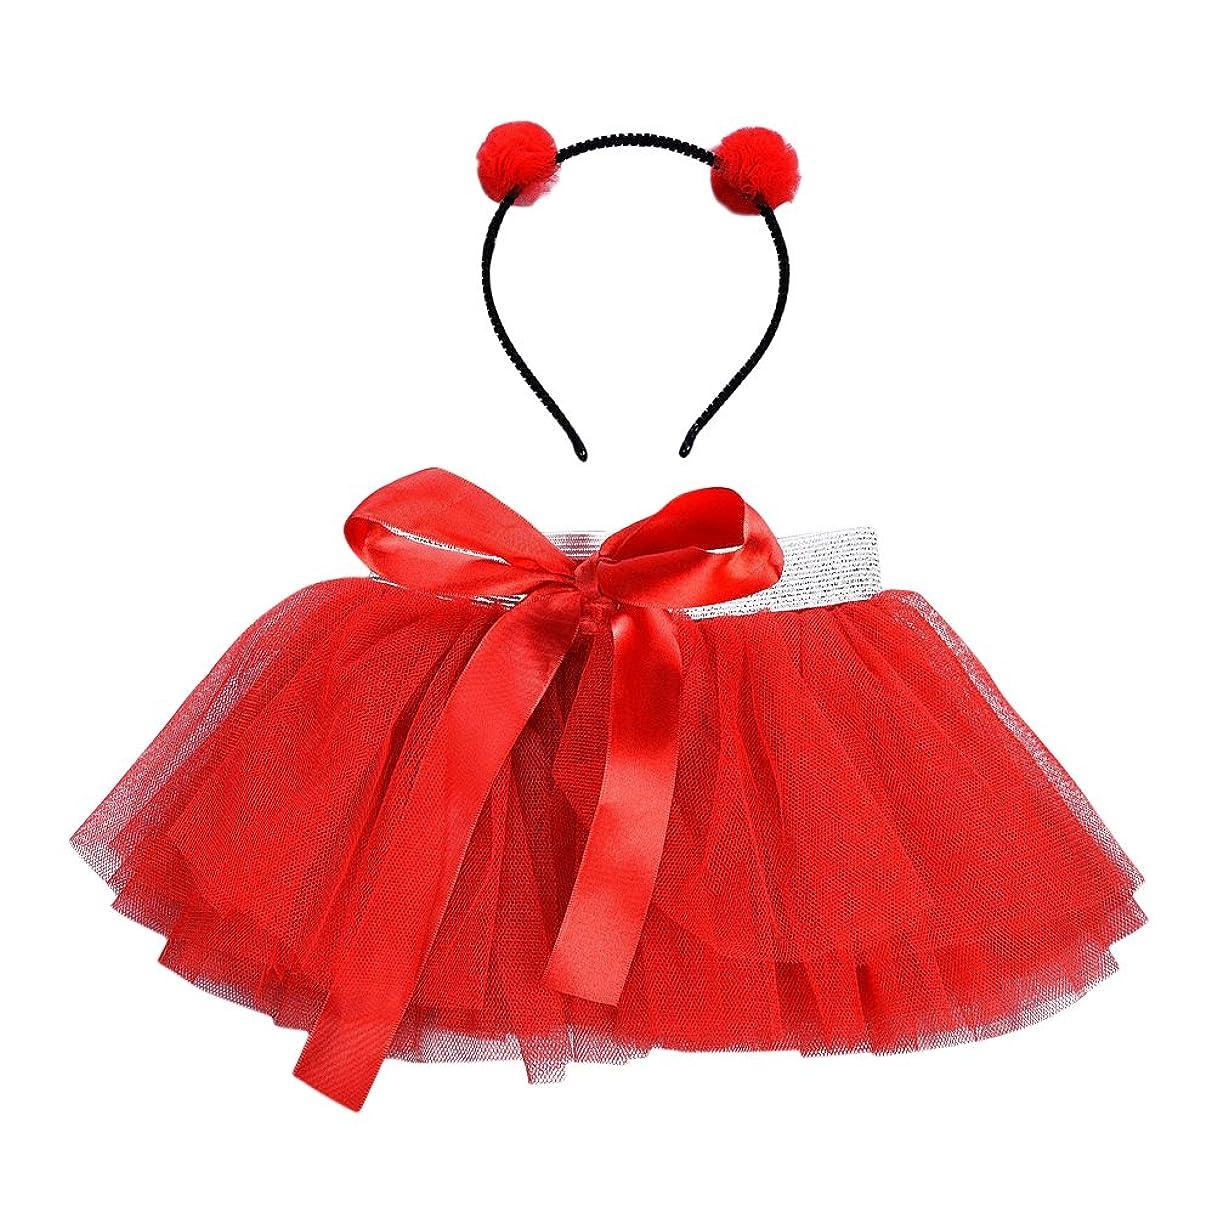 パーフェルビッドとんでもない判定LUOEM 女の子TutuスカートセットヘッドバンドプリンセスガールTutuの服装赤ちゃん女の子Birthday Outfit Set(Red)